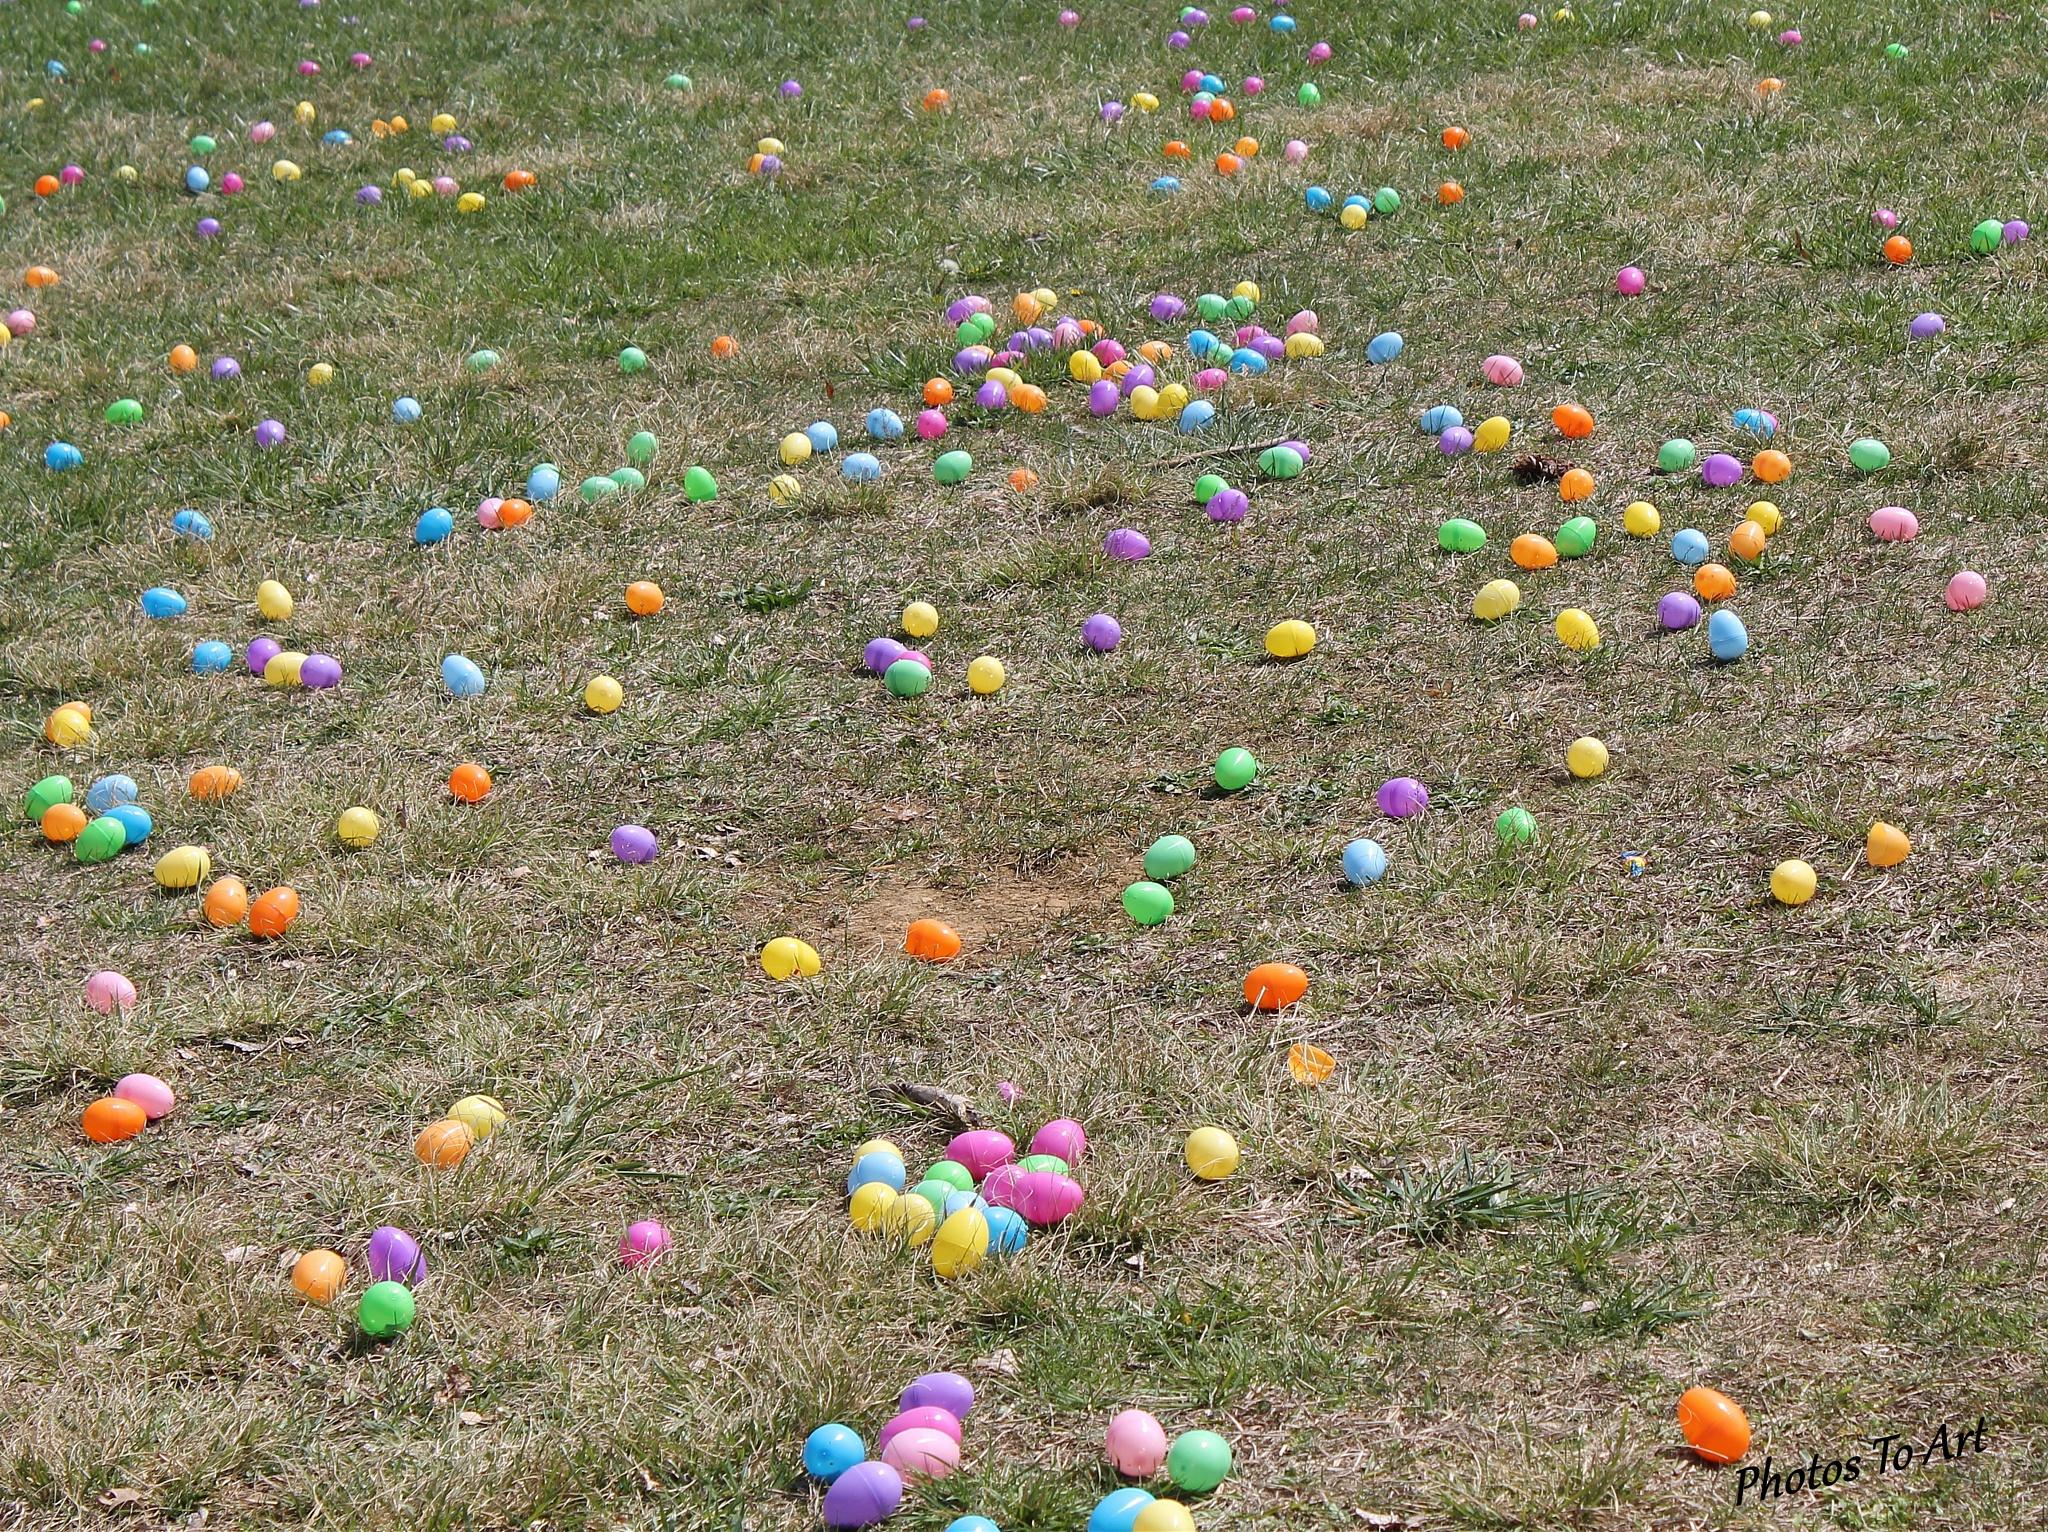 Easter eggs by Calvin Burdette